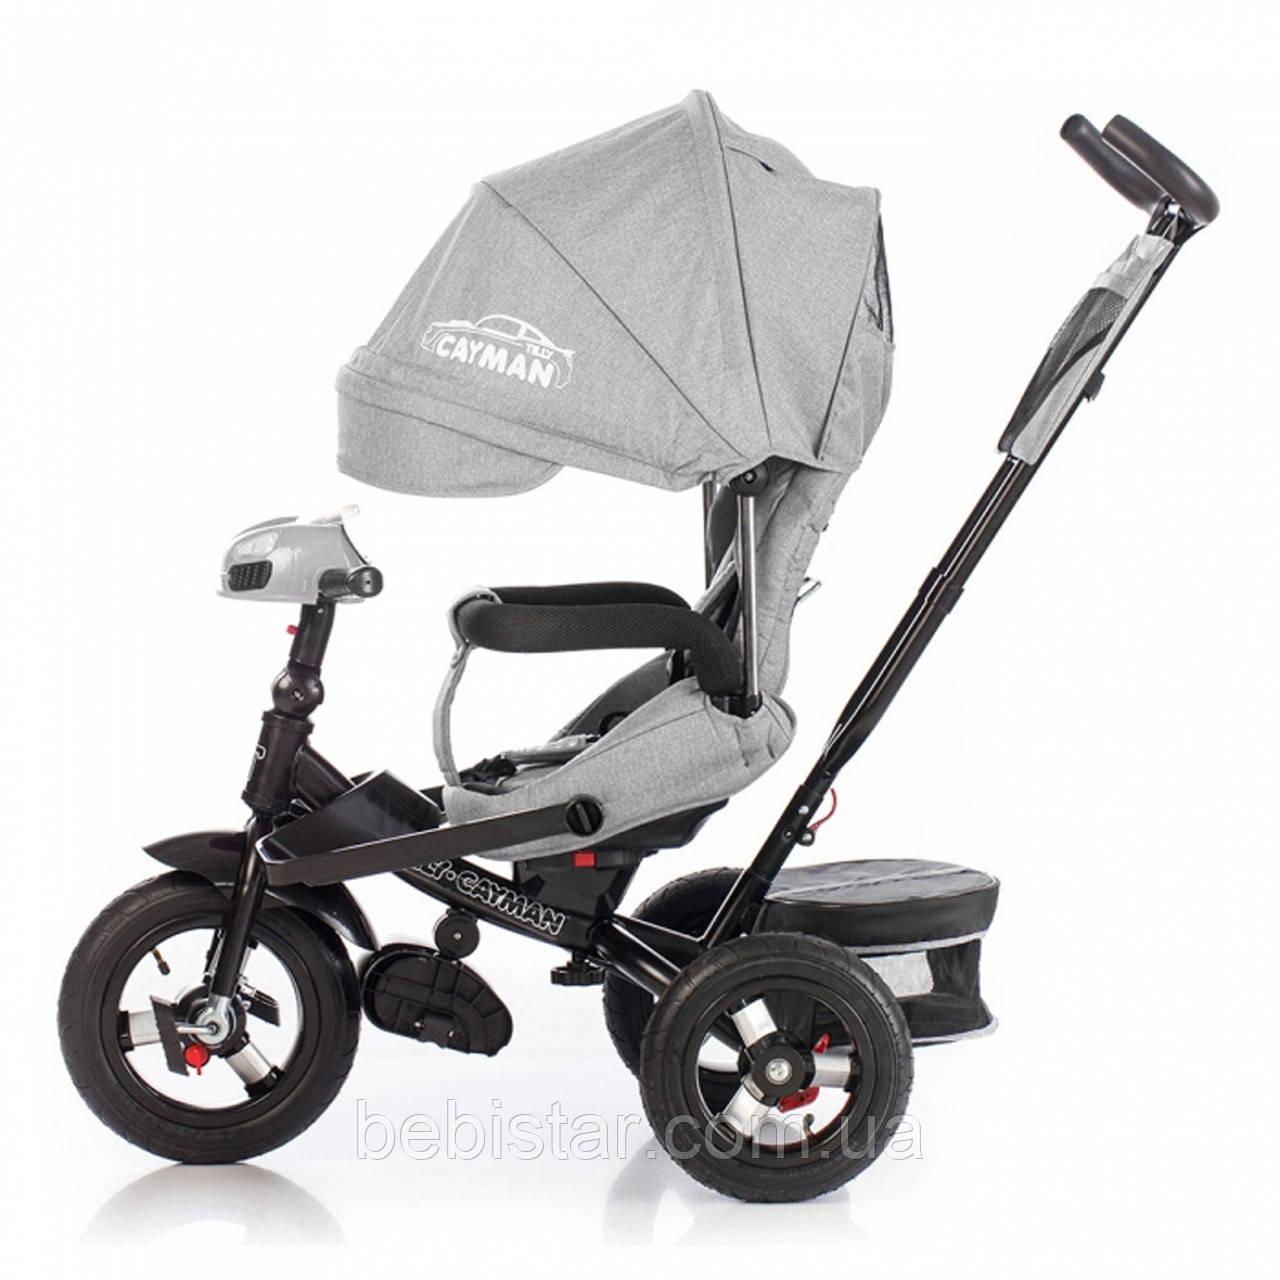 Трехколесный велосипед TILLY CAYMAN серый лен усиленная рама поворот сидения надувные колеса музыка и свет